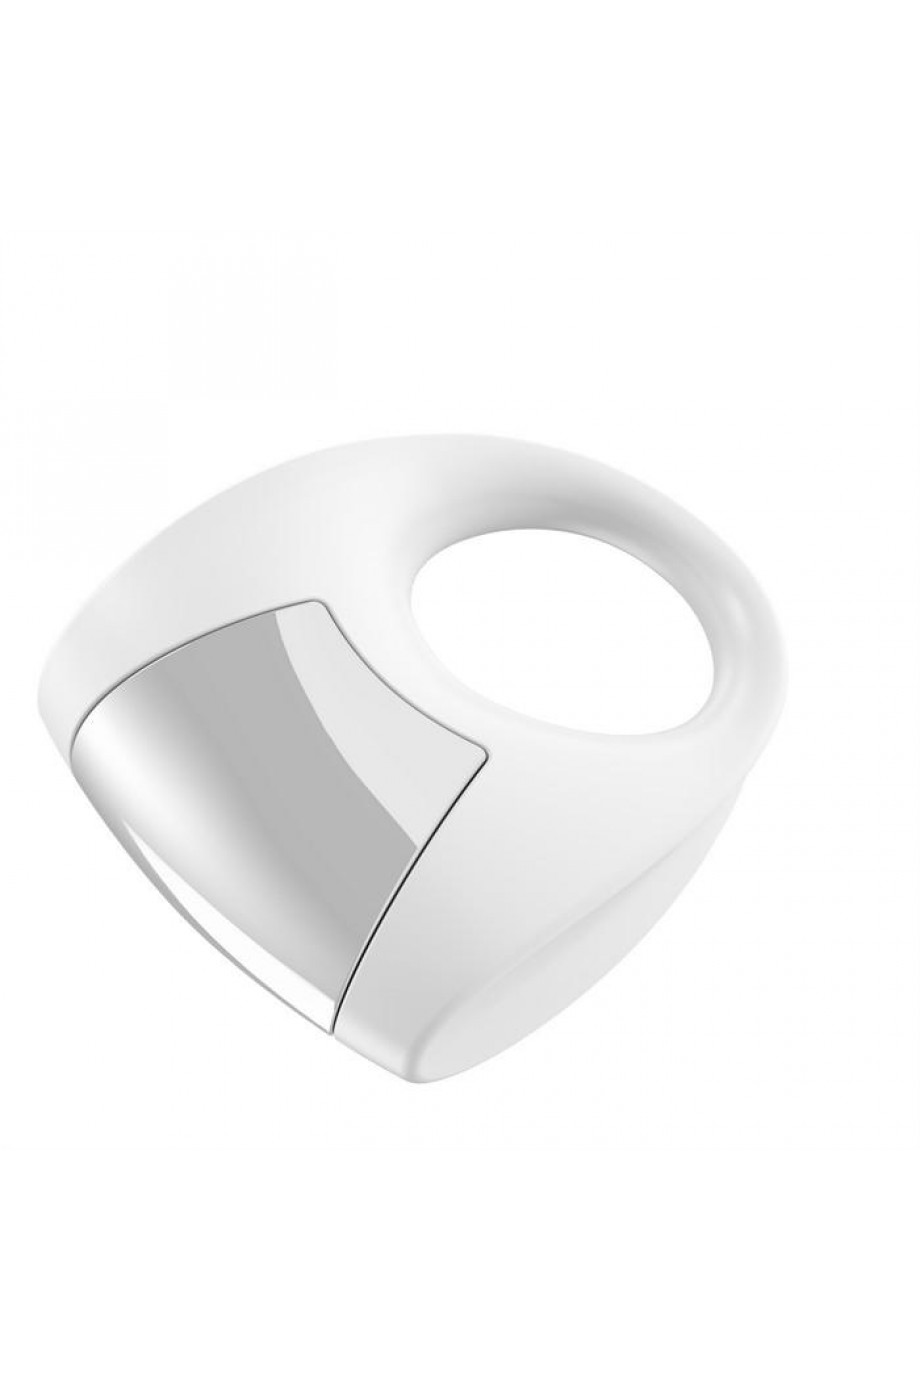 Эрекционное кольцо OVO с удобной кнопкой включения и сильной вибрацией, силиконовое, белое